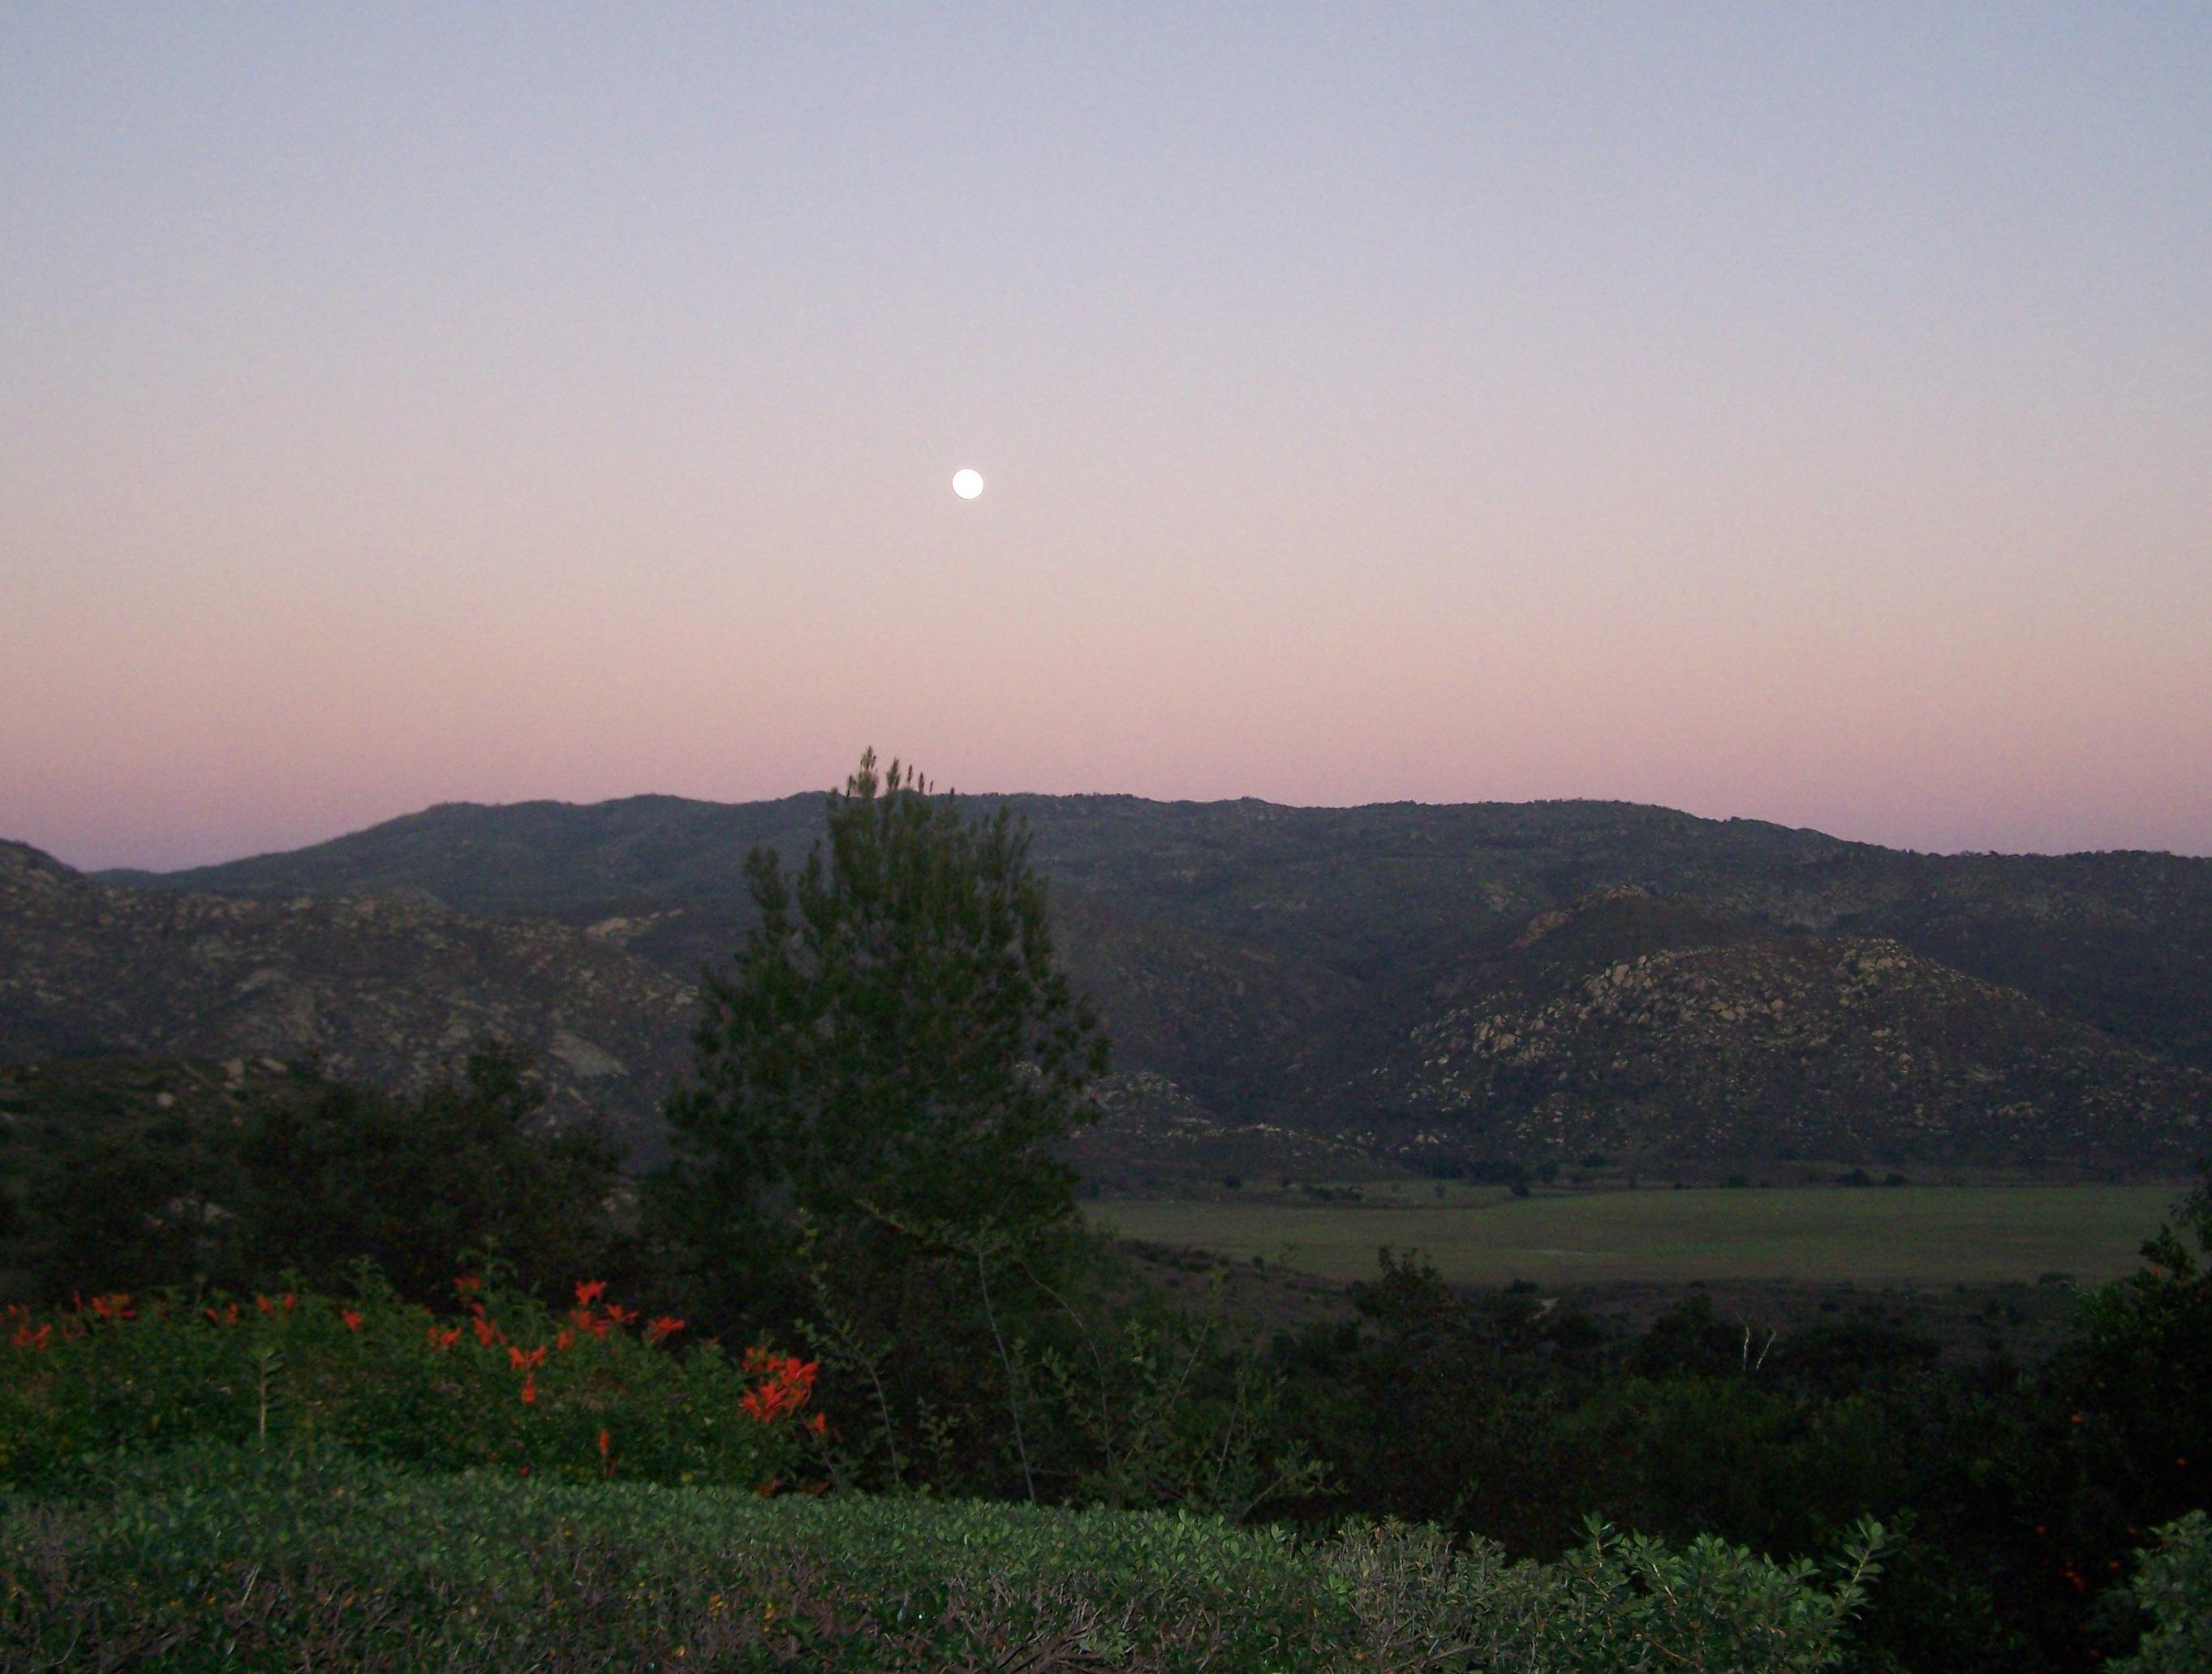 Moonrise over the Guajito